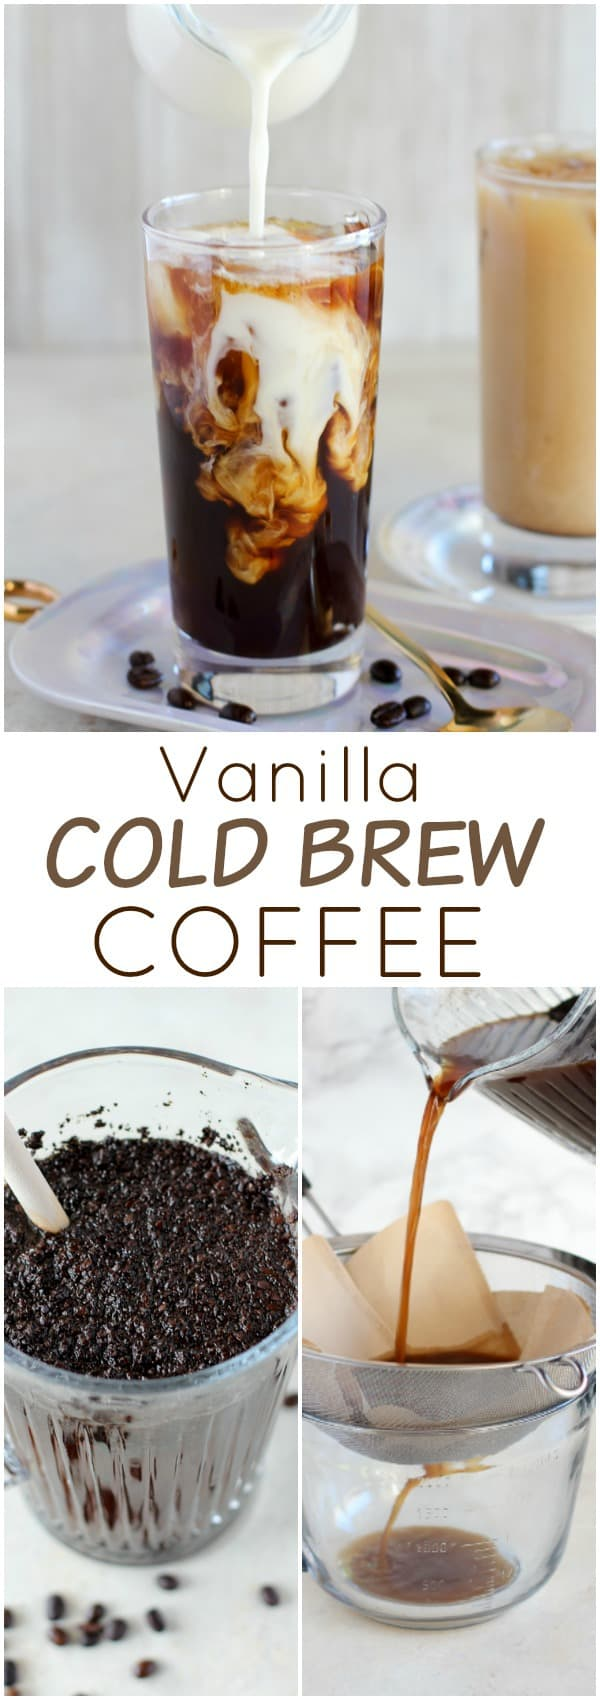 Vanilla Cold Brew Coffee